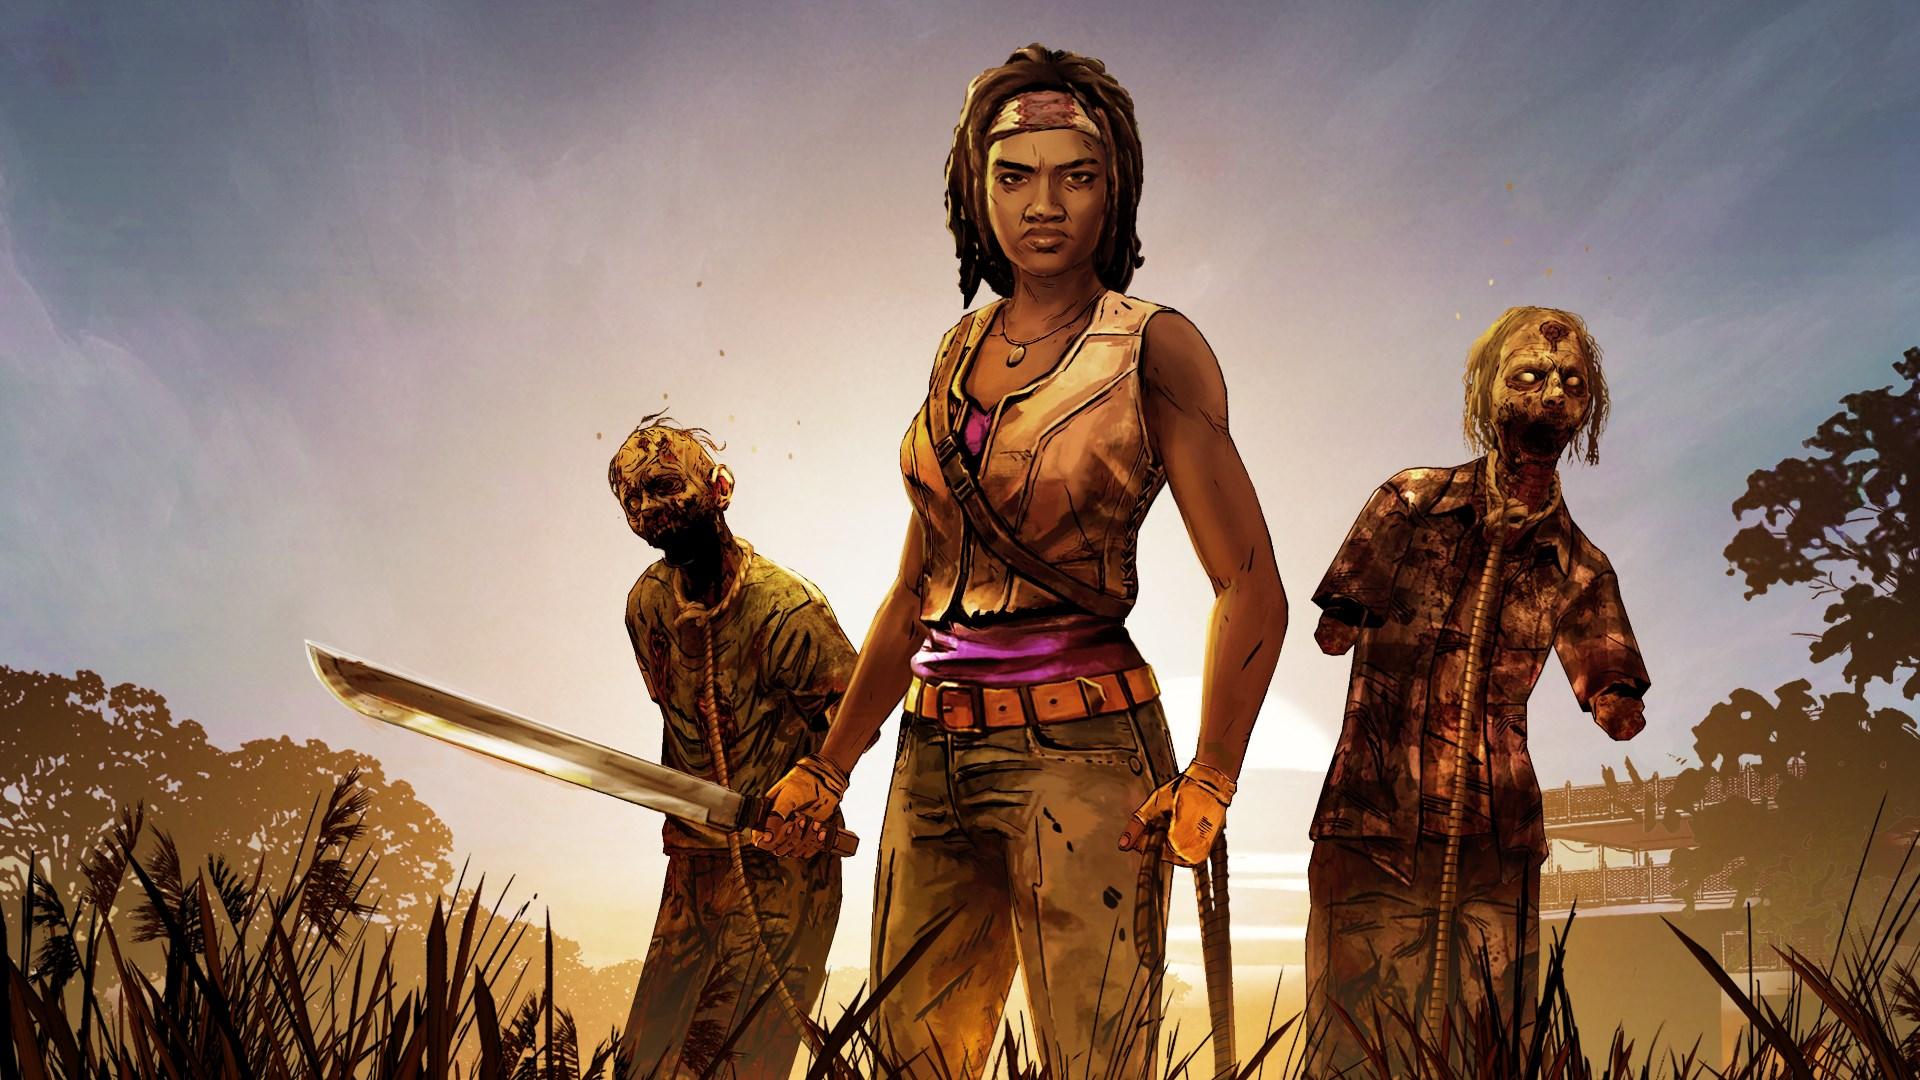 The Walking Dead: Michonne key art